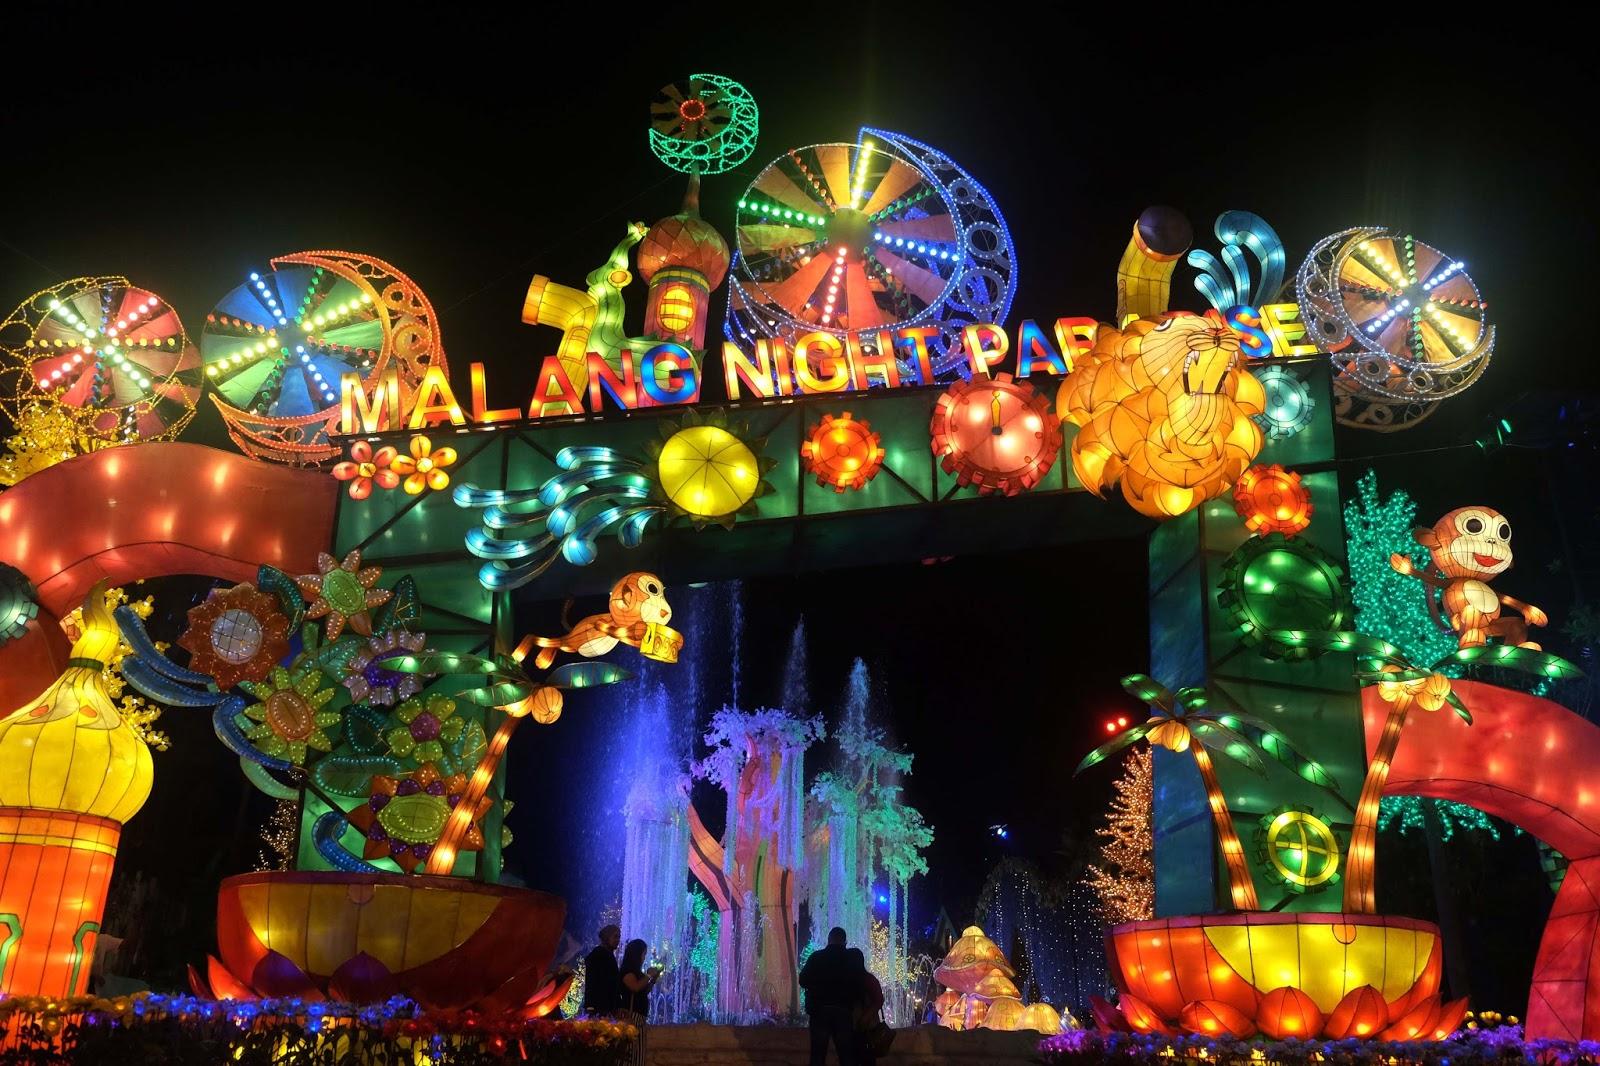 Malang Night Paradise Keindahan Visual Di Sudut Kota Cewealpukat Com